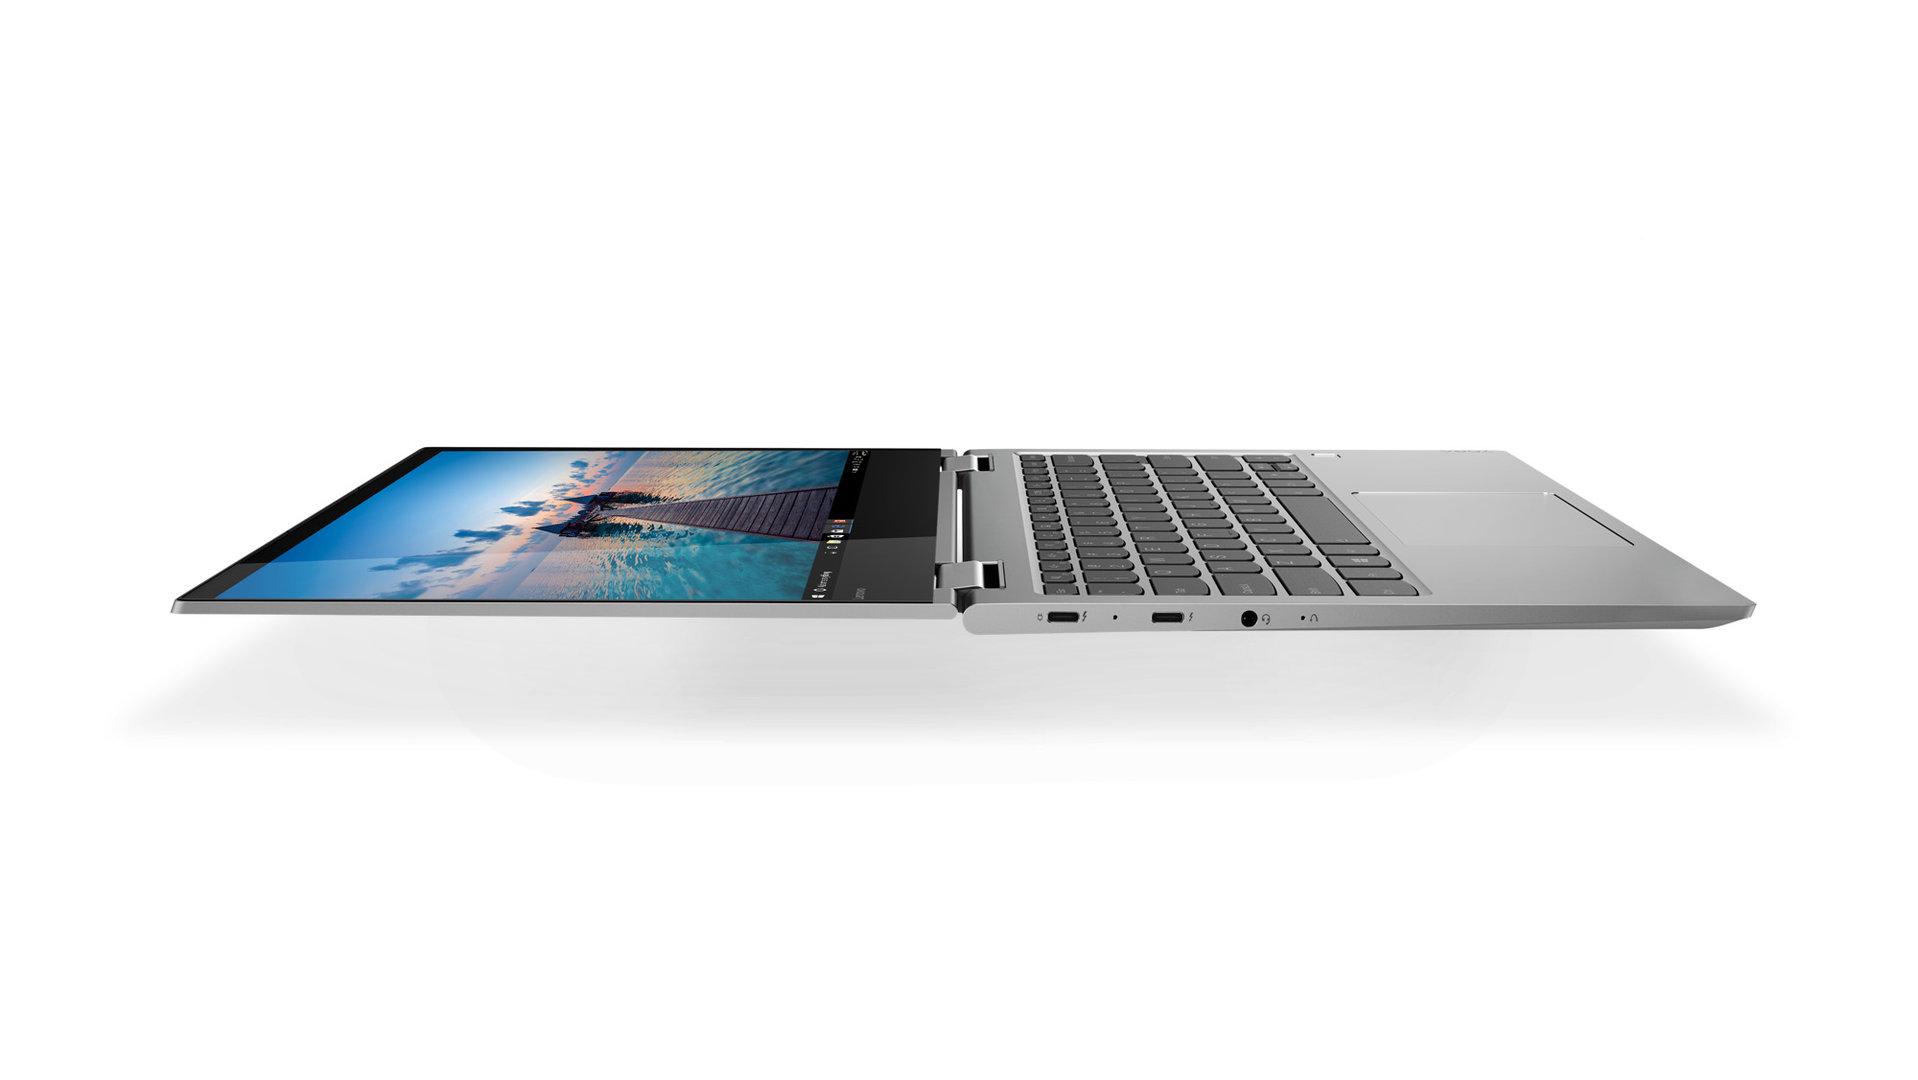 Lenovo Yoga 730 (730-13IKB)